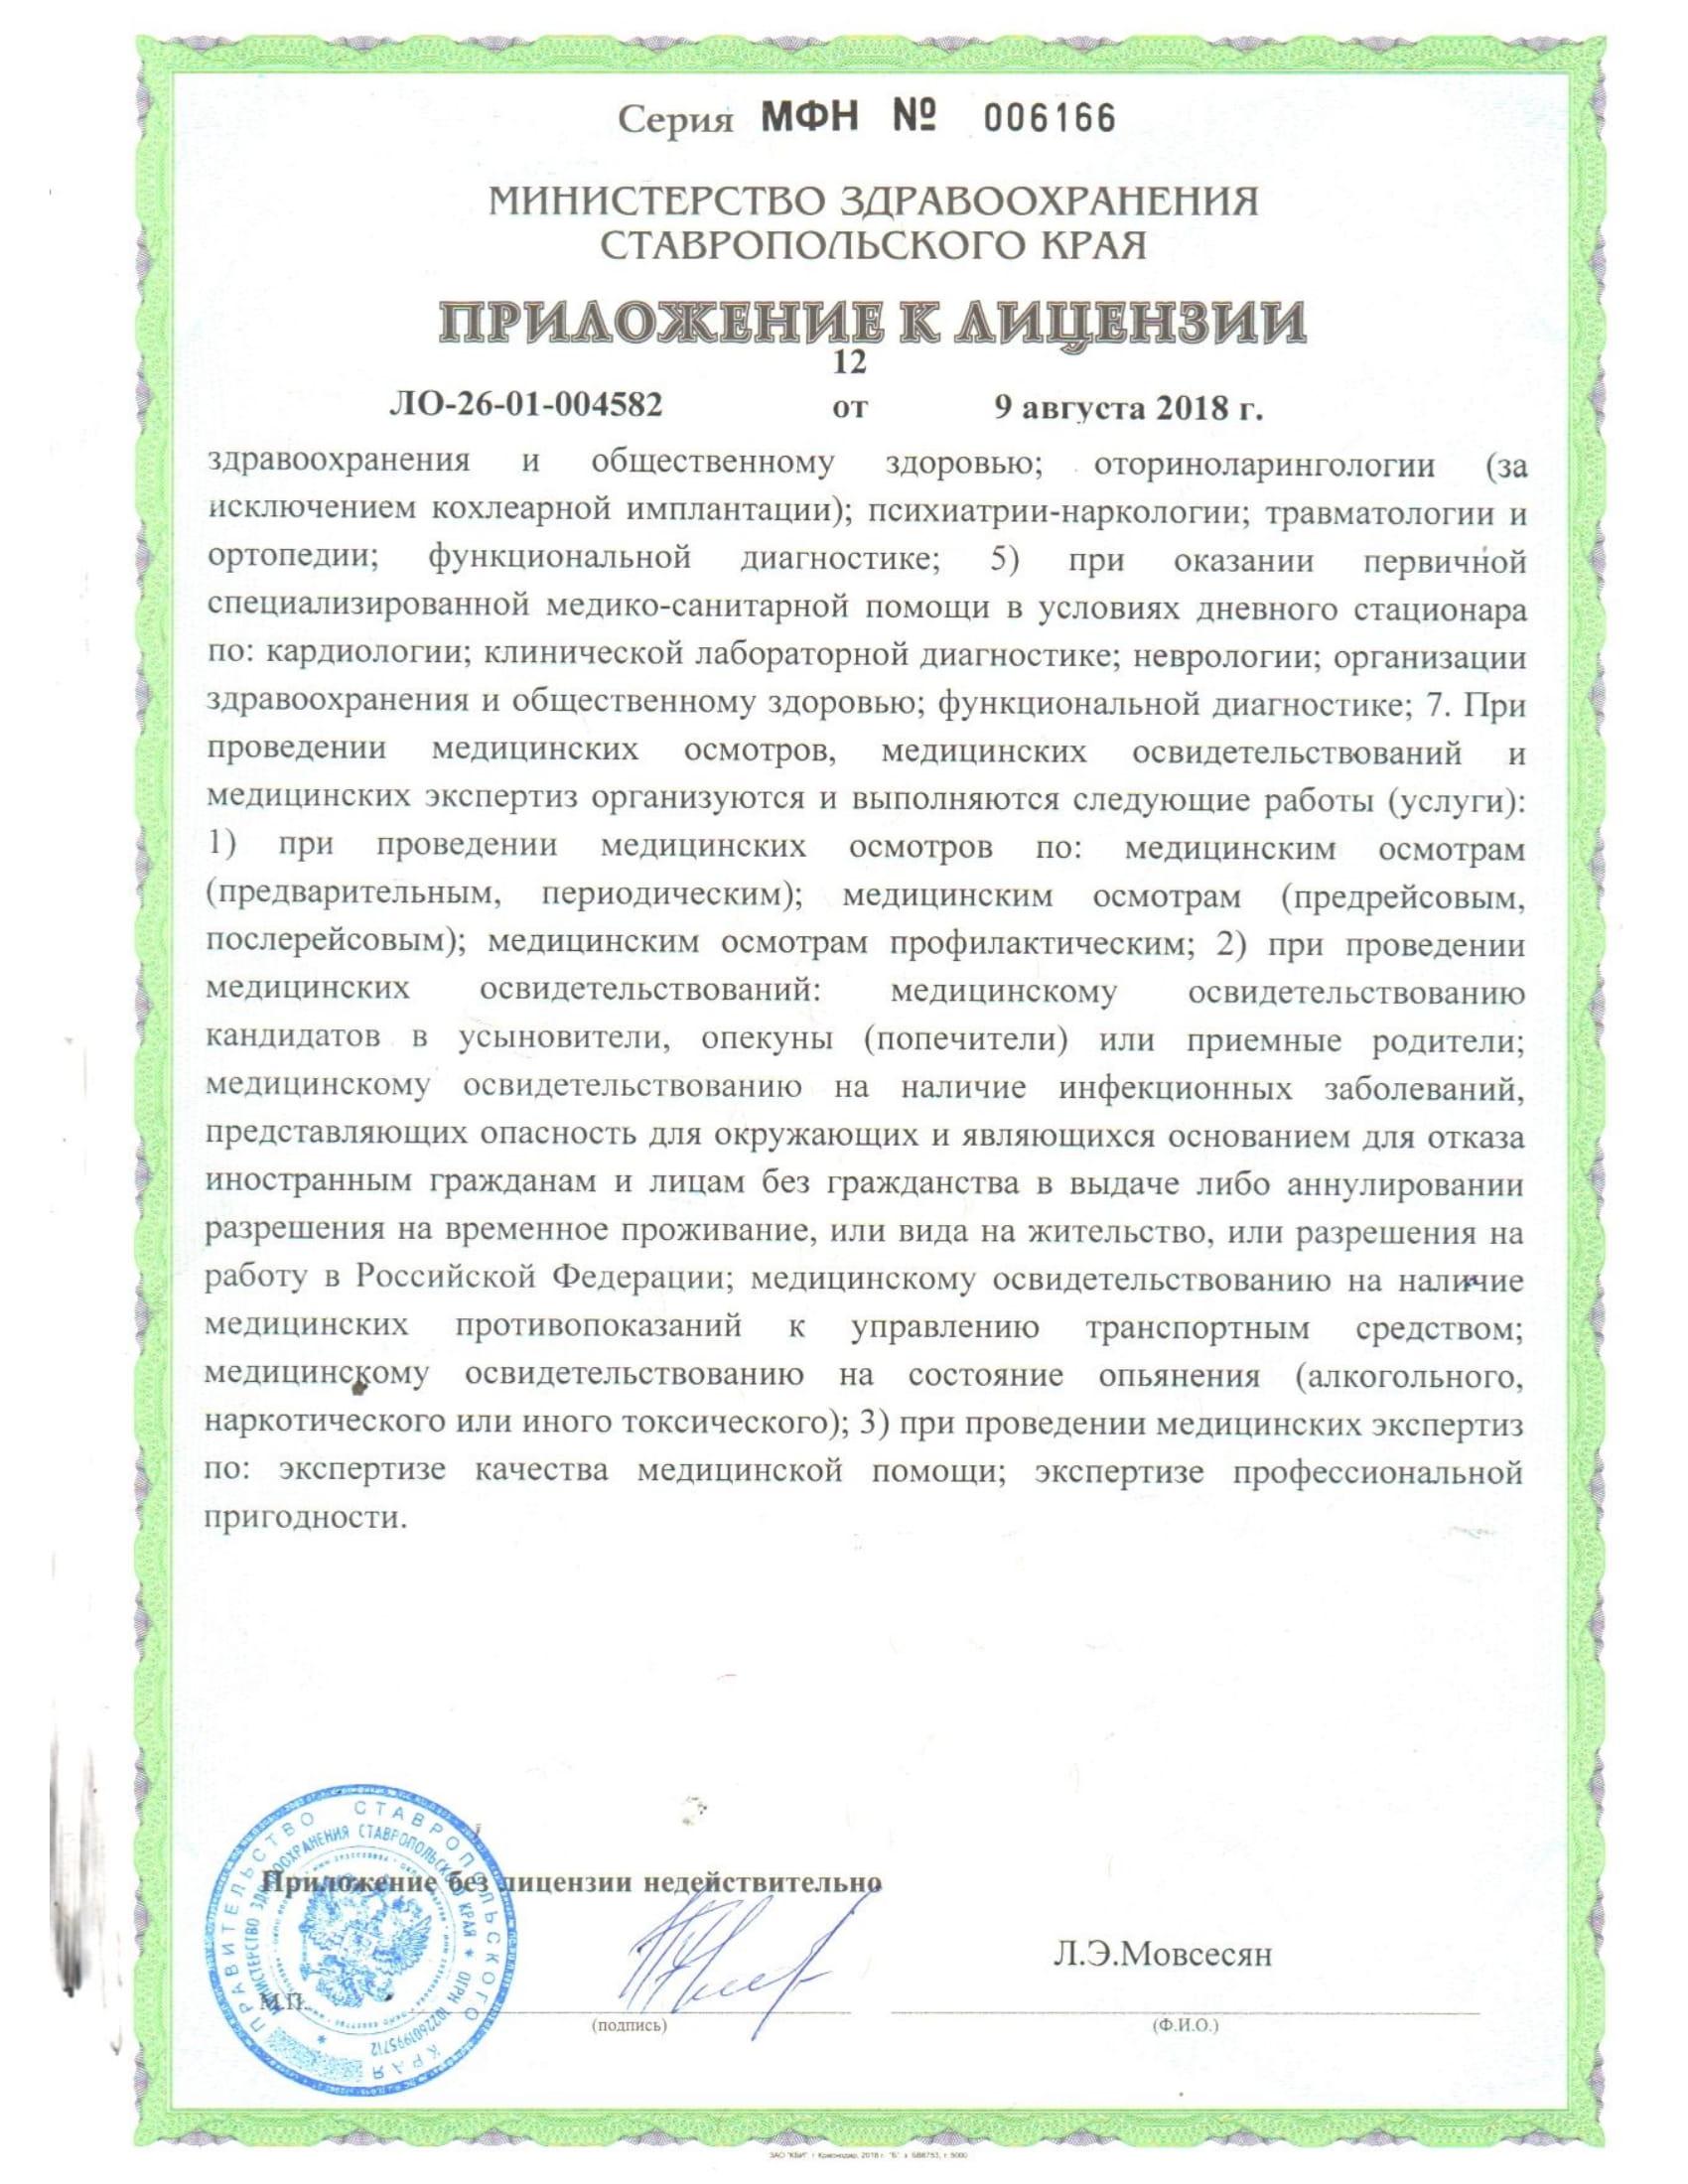 лицензия 2018 от 09.08.2018-16